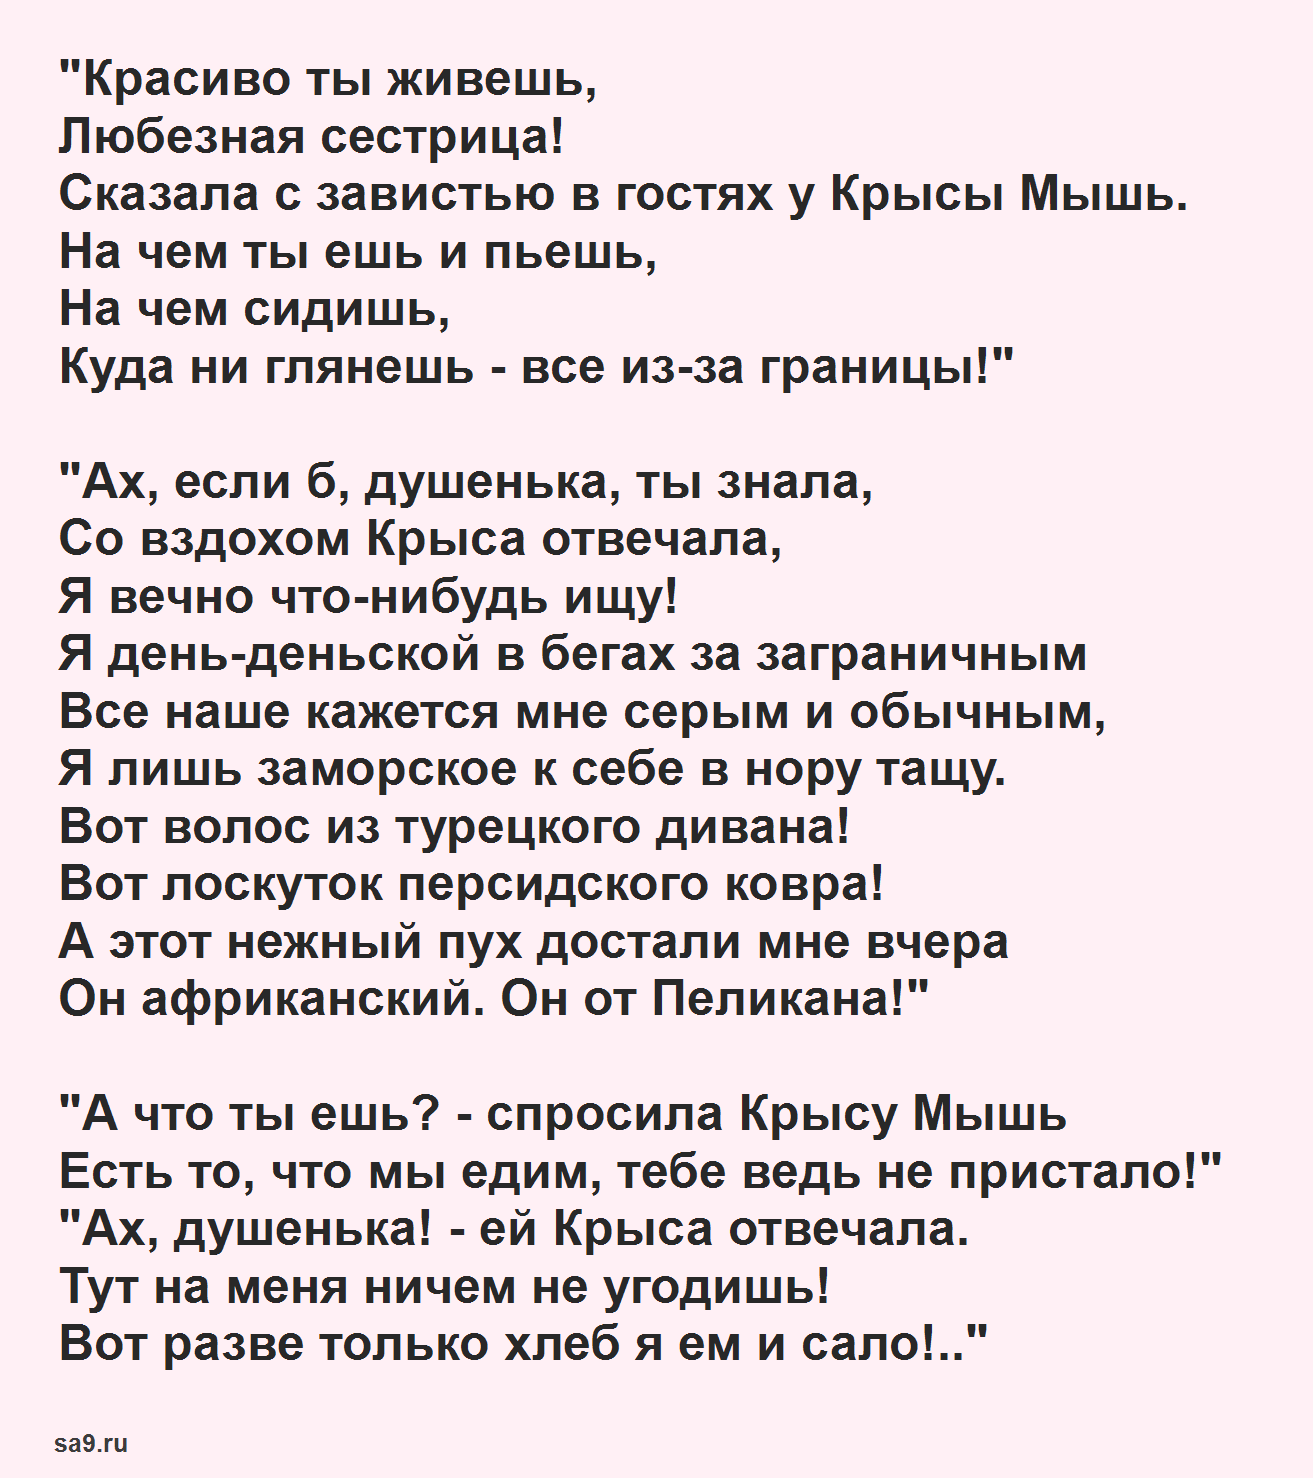 Басня Михалкова 'Две подруги', текст басни читать полностью